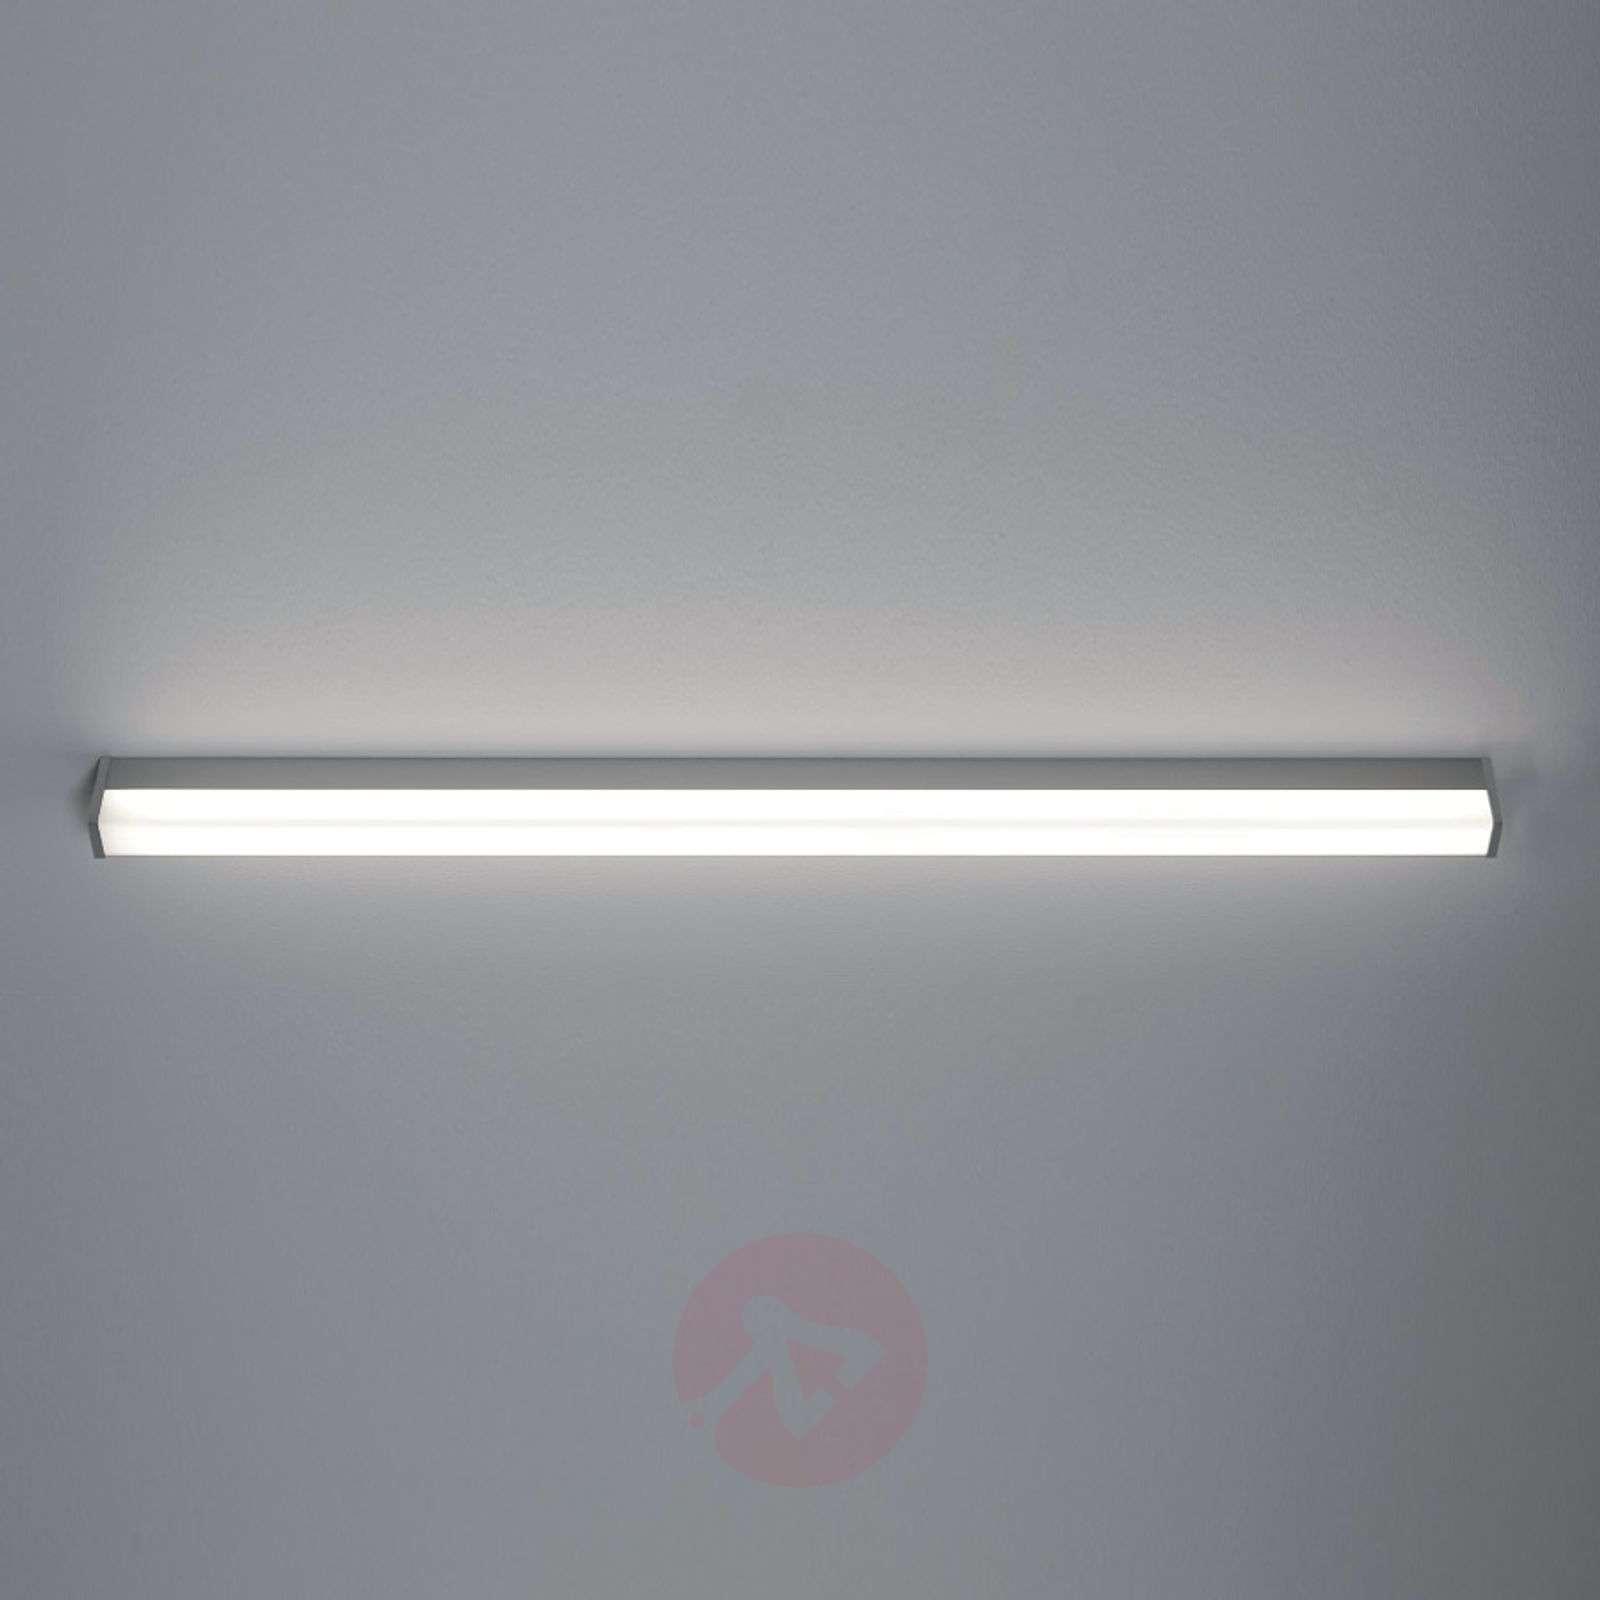 LED-seinävalaisin PARI, 120 cm-6523509X-01